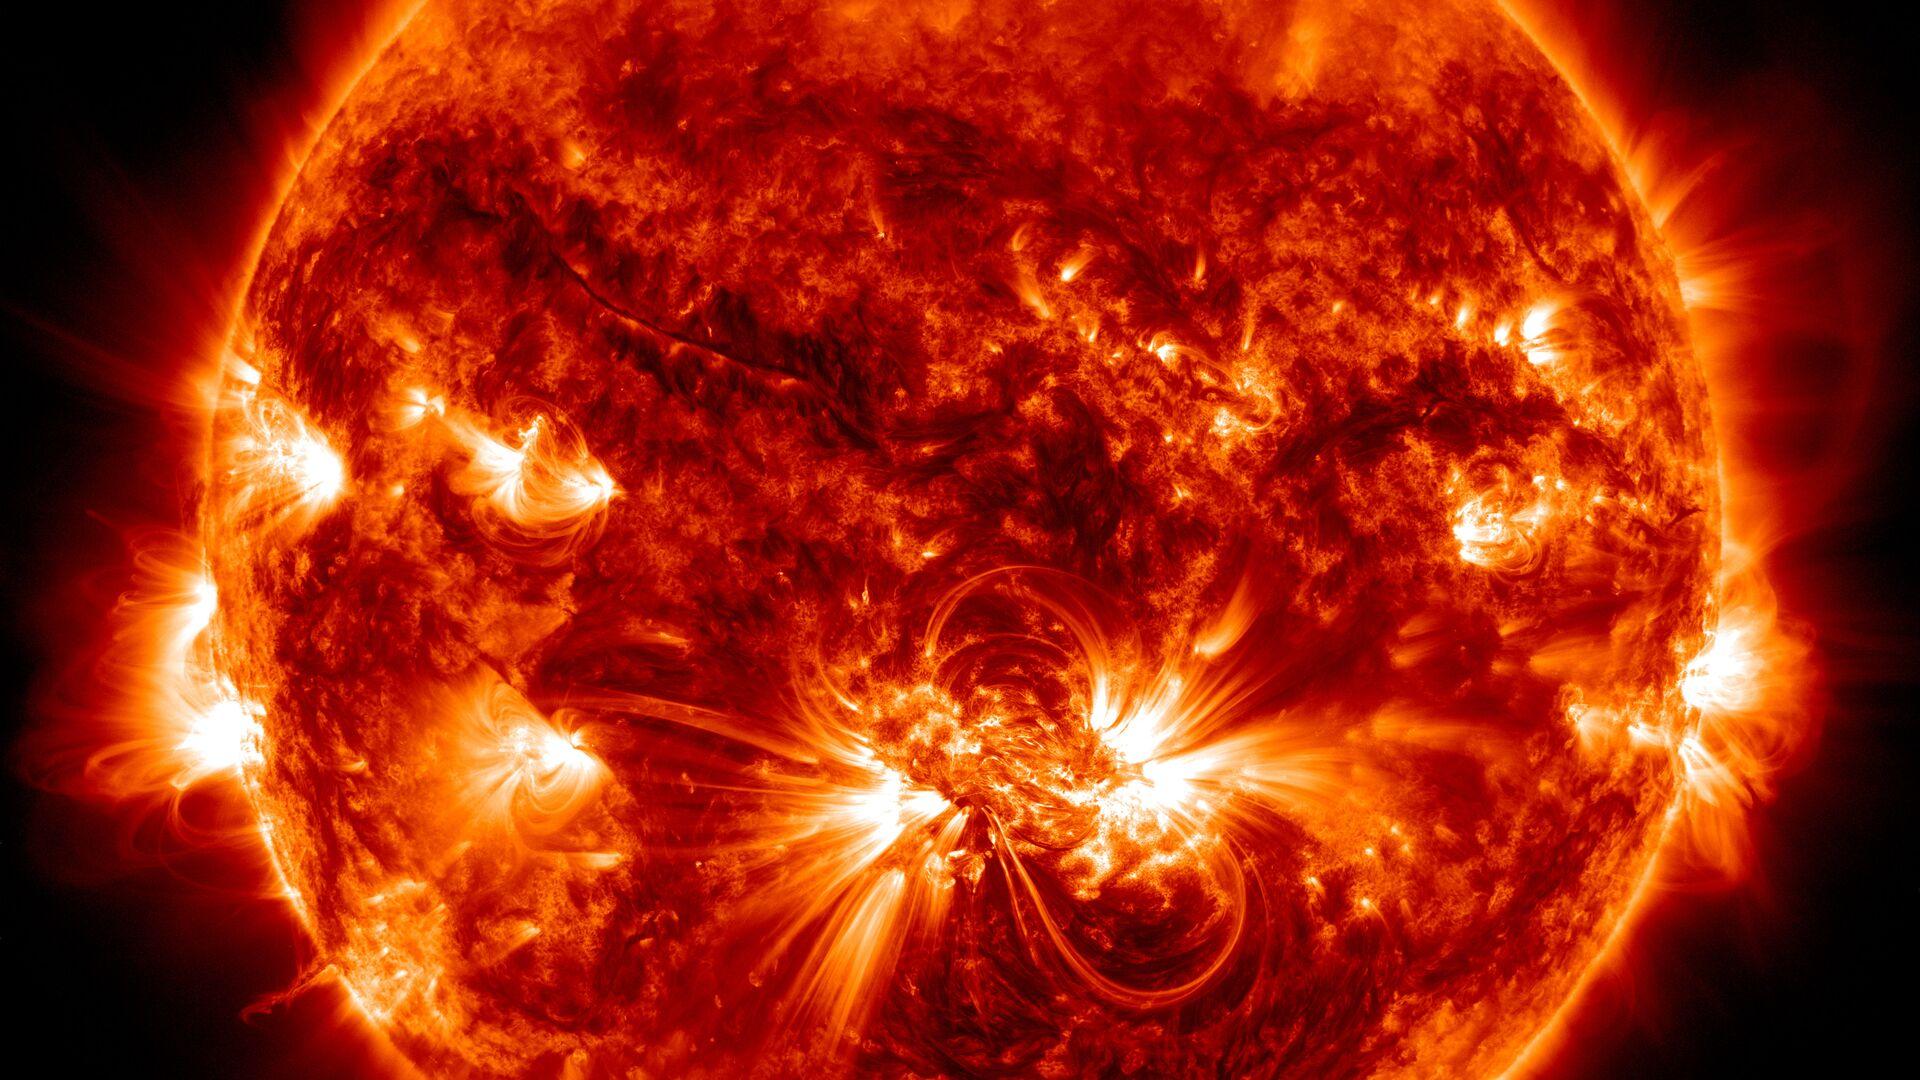 Пятна на поверхности Солнца оказались связаны с химическим составом его короны - РИА Новости, 1920, 10.06.2020